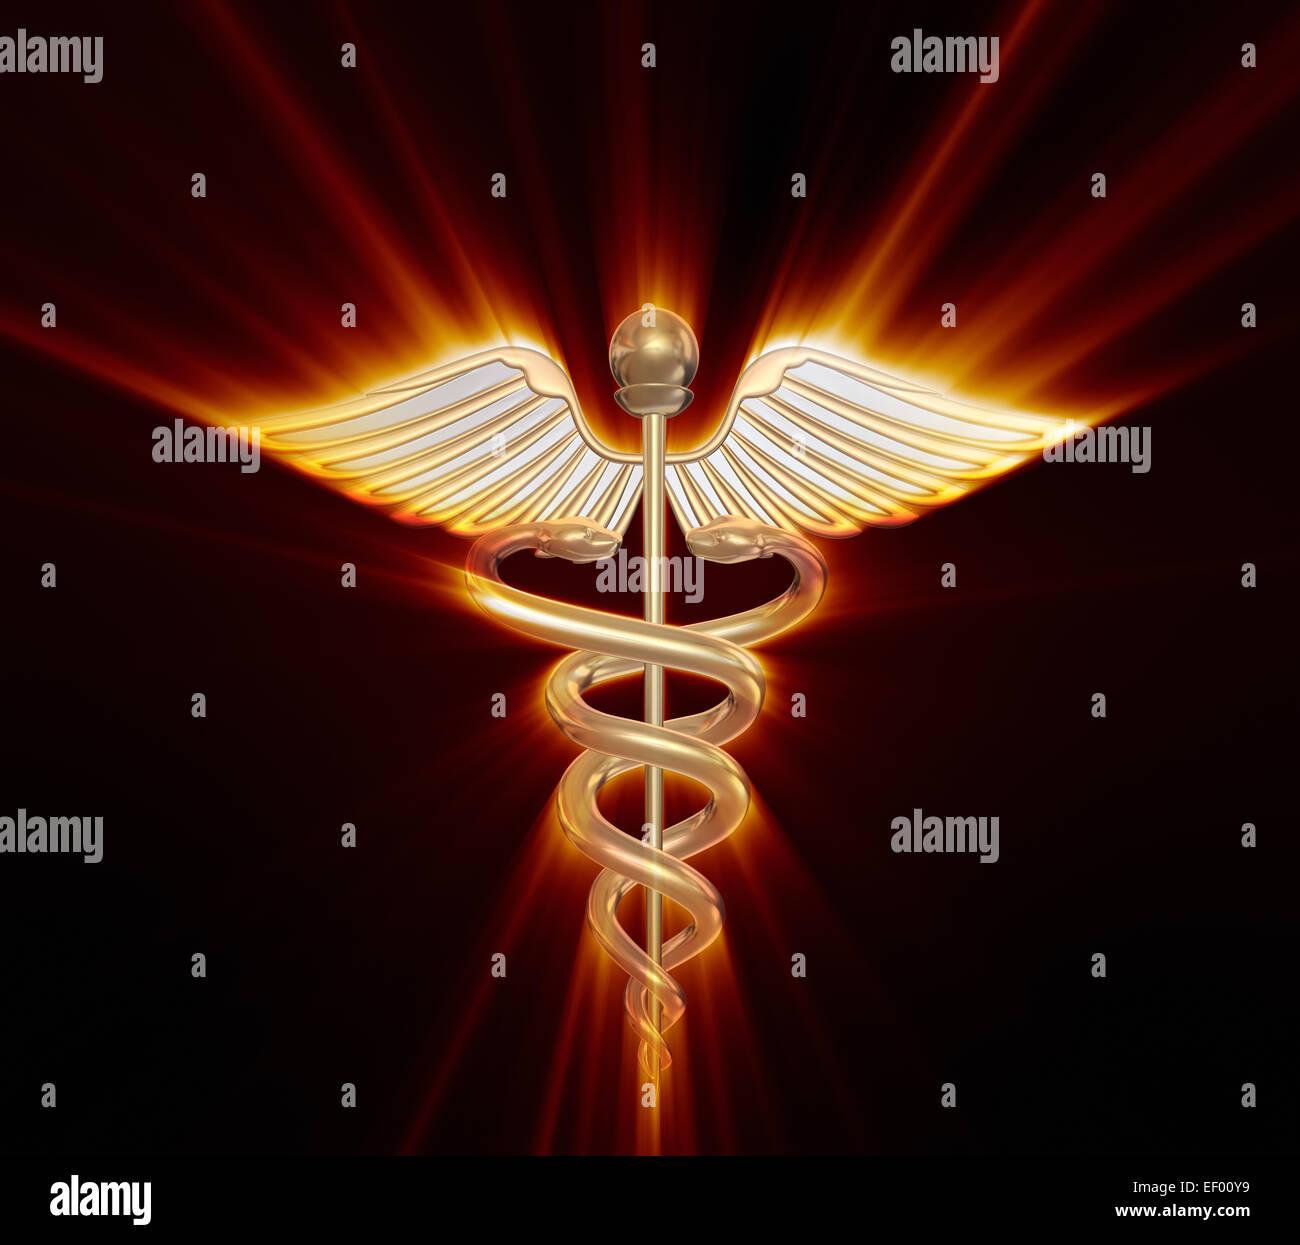 Golden caduceus medical symbol - Stock Image